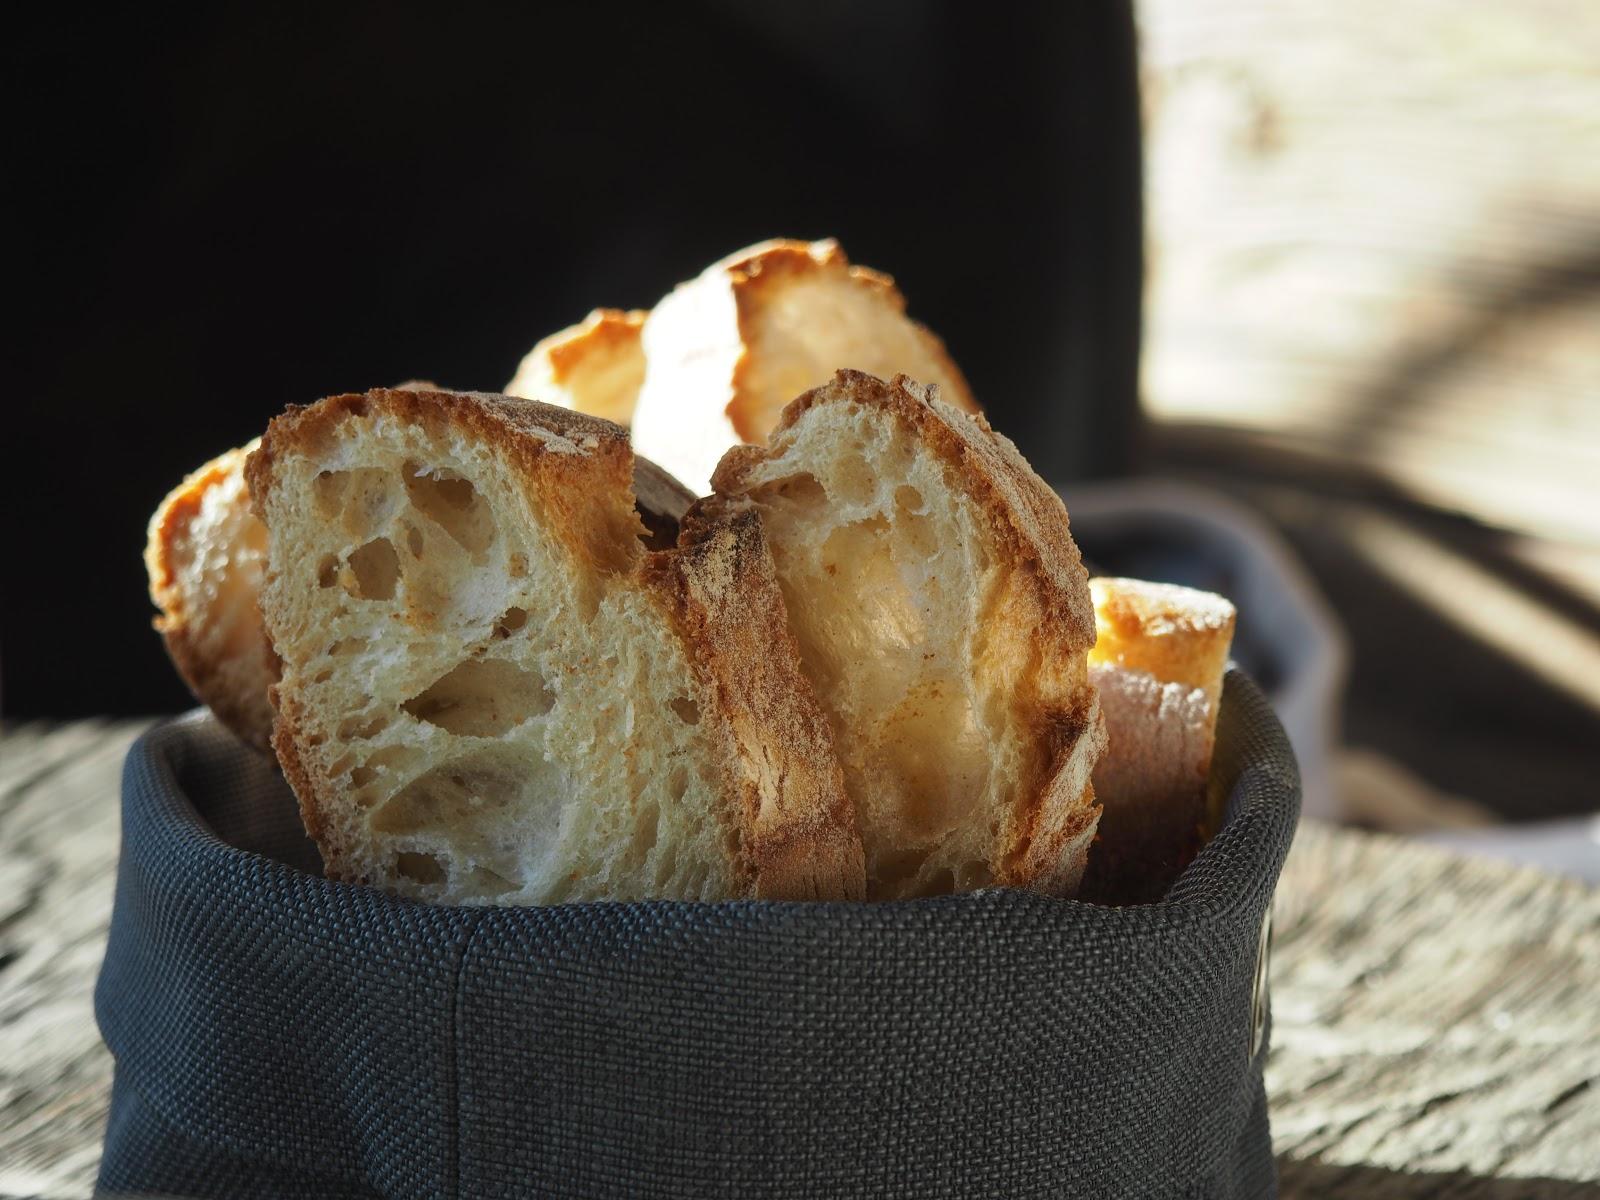 bread basket, La Baraque interior in Val d'isere, France